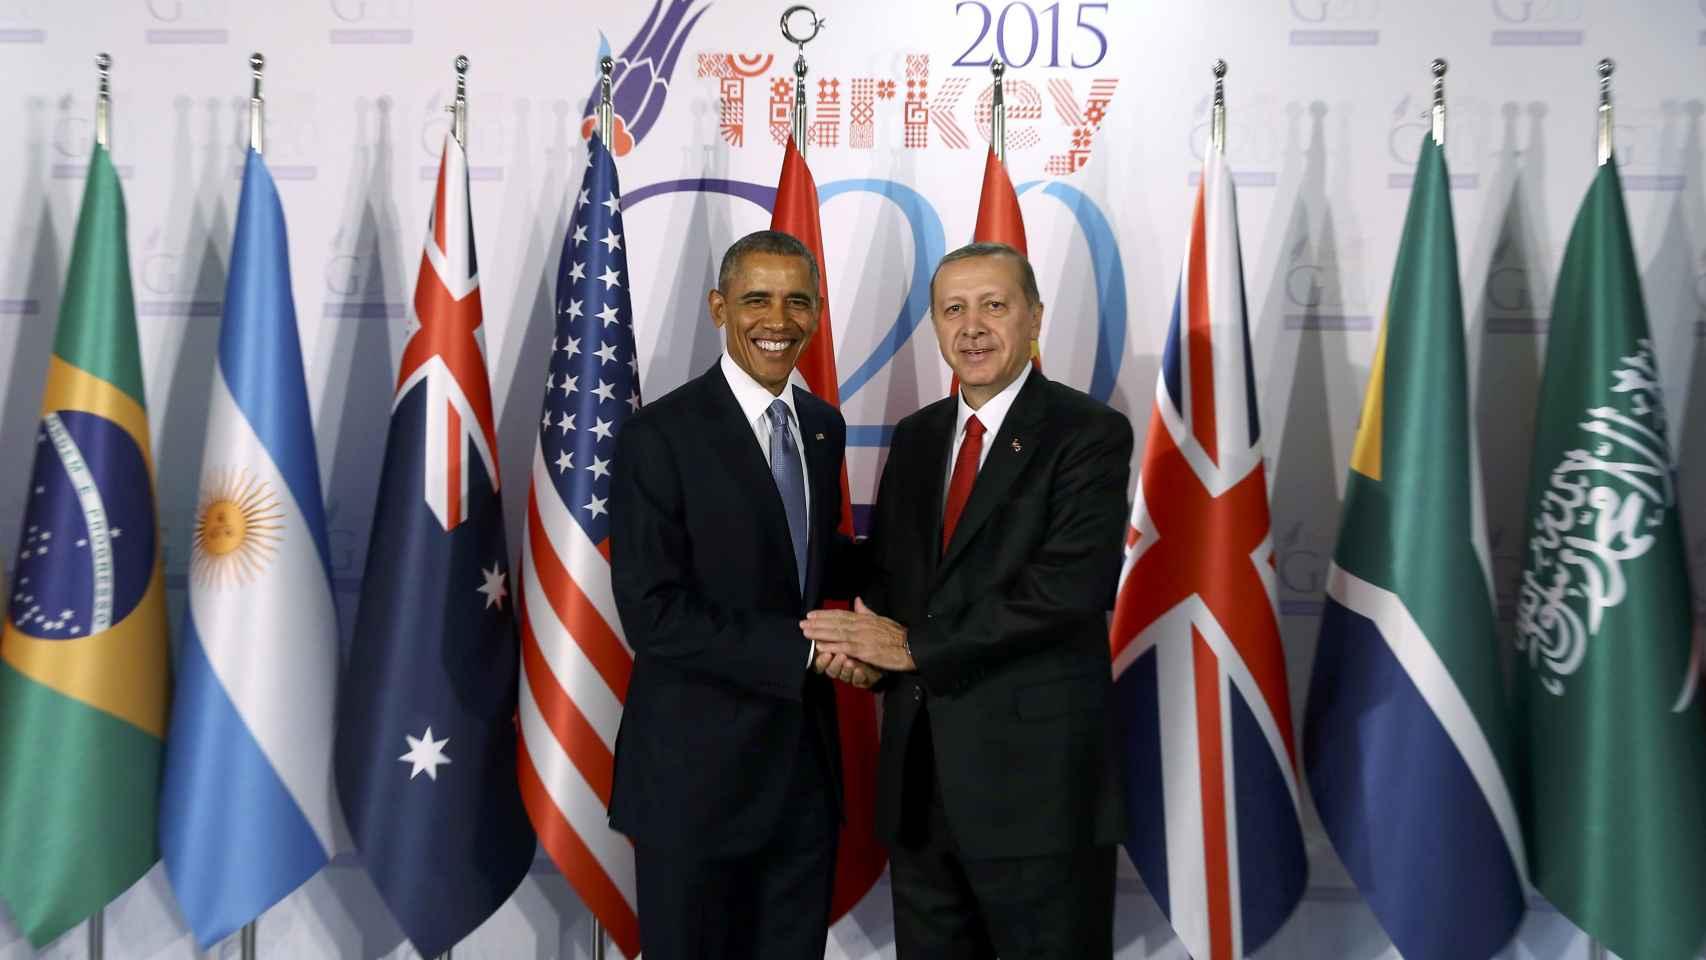 El presidente EEUU saluda a su homólogo turco.